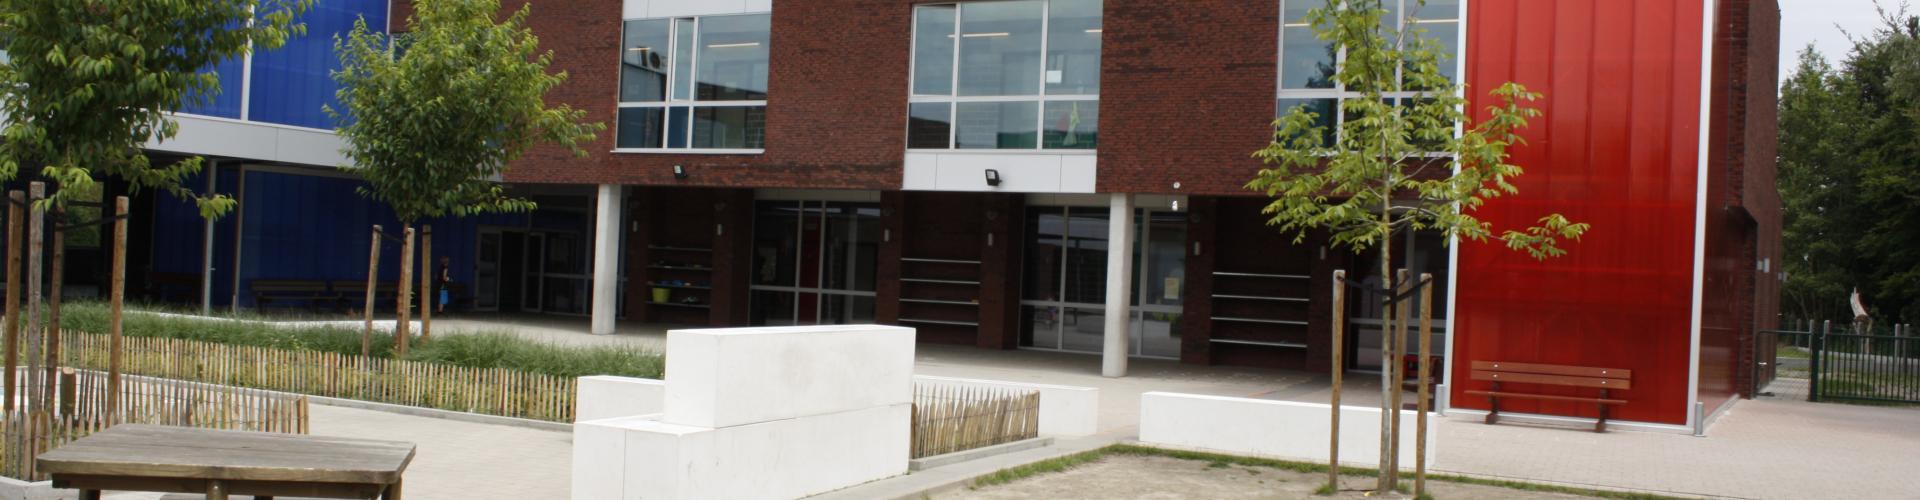 Stedelijke Basisschool Staakte Lokeren